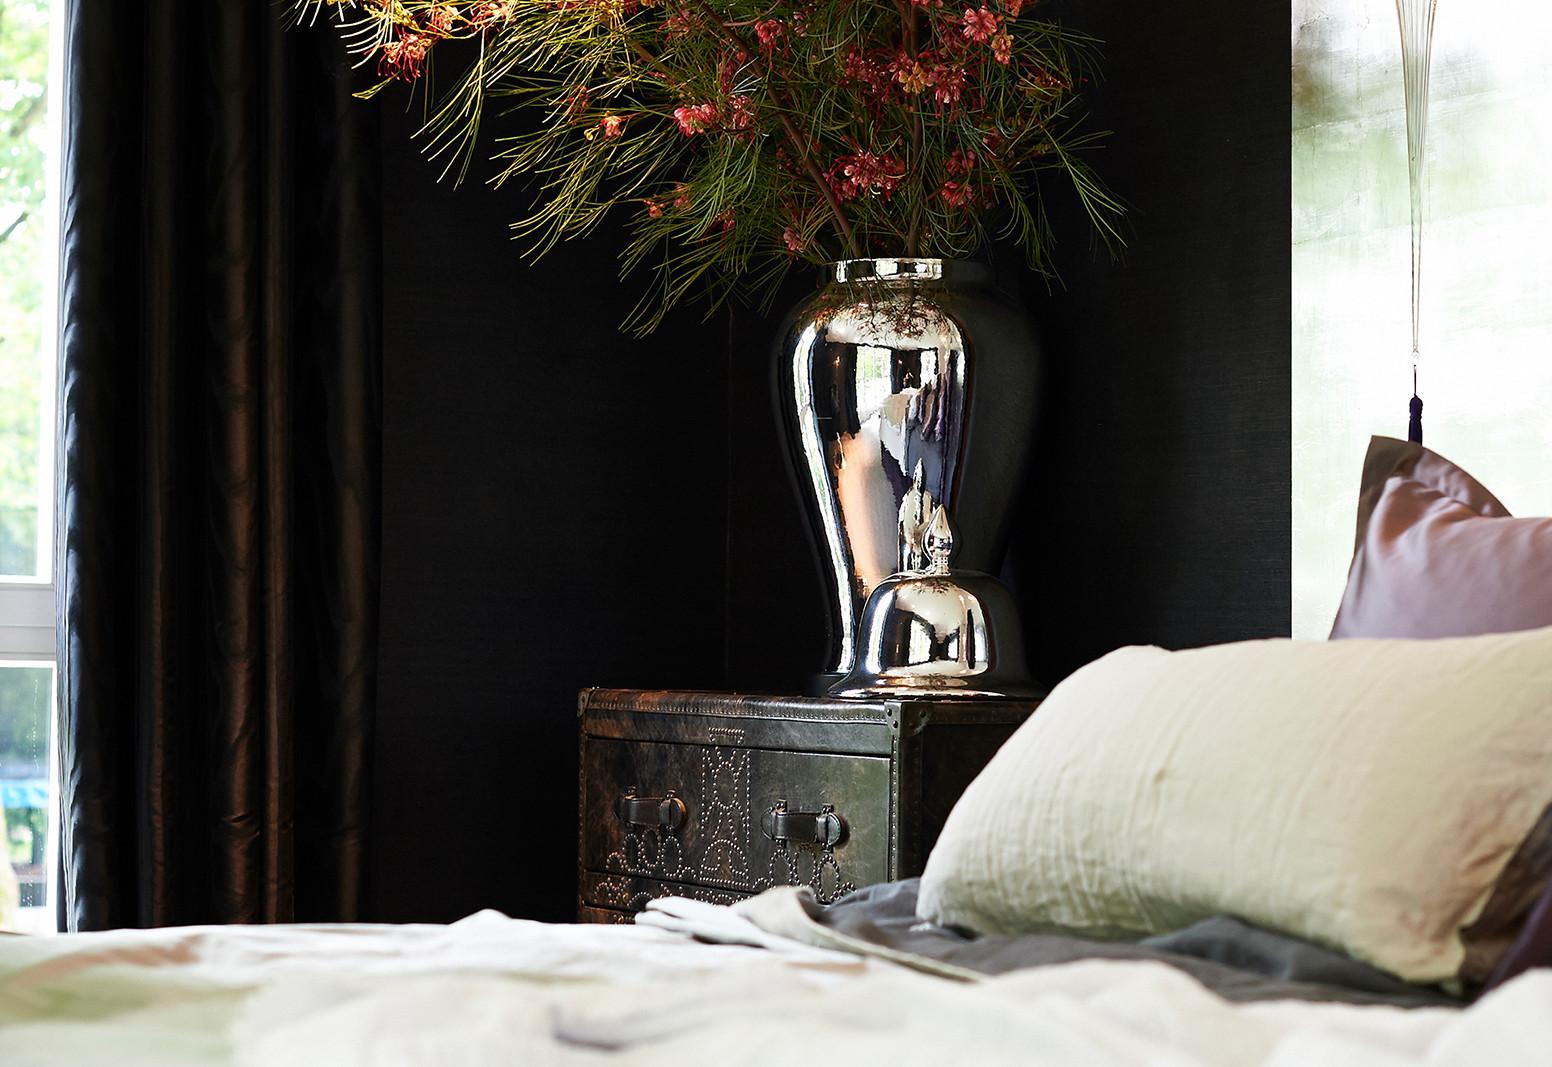 Hier sehen Sie ein Bild von Stefanie Raum Dekoration Schlafzimmer Raum Contemporary Interior